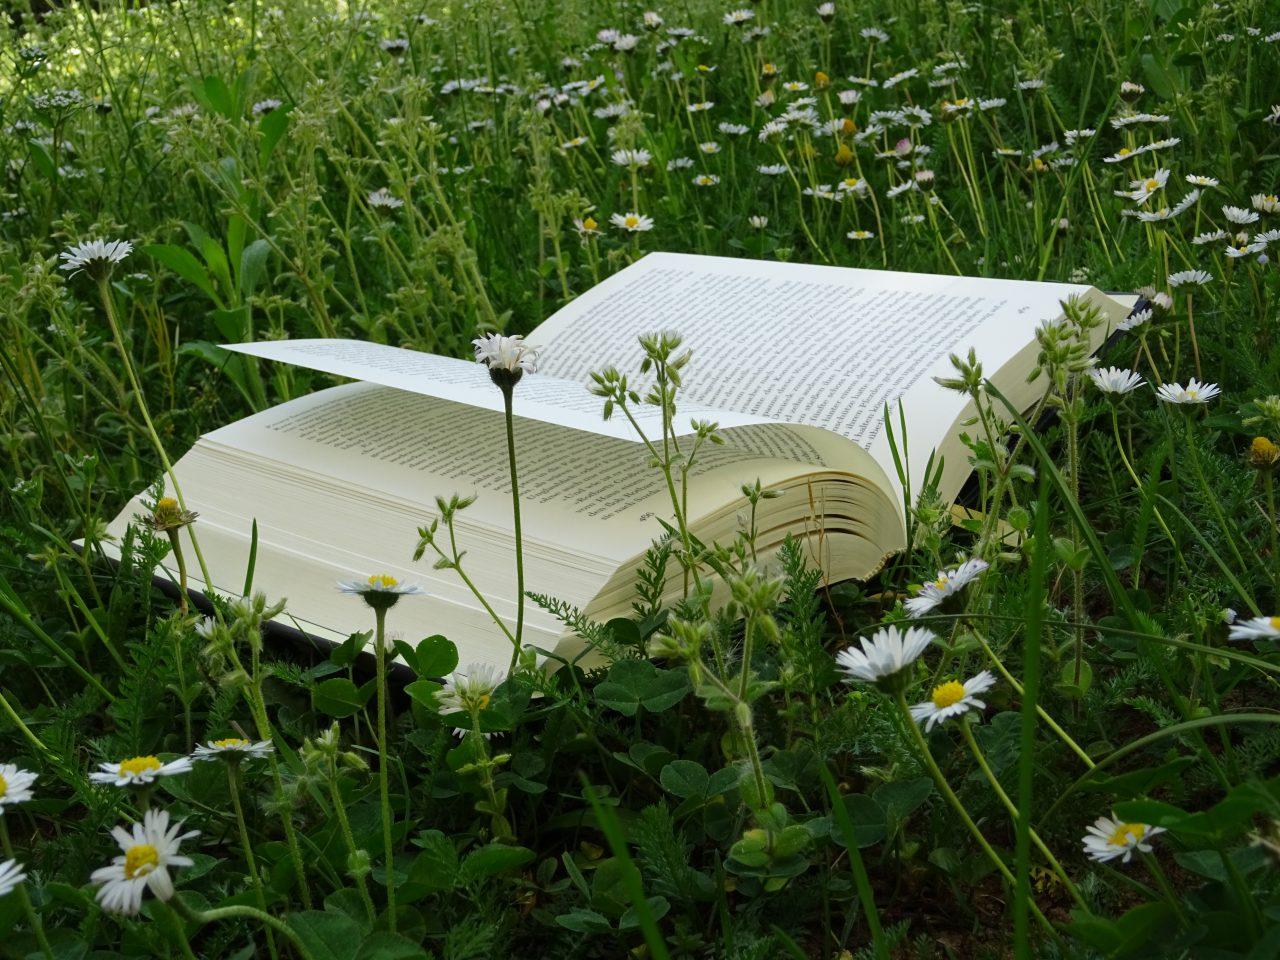 Kinder- und Jugendbücher - dieses liegt auf einer Blumenwiese.